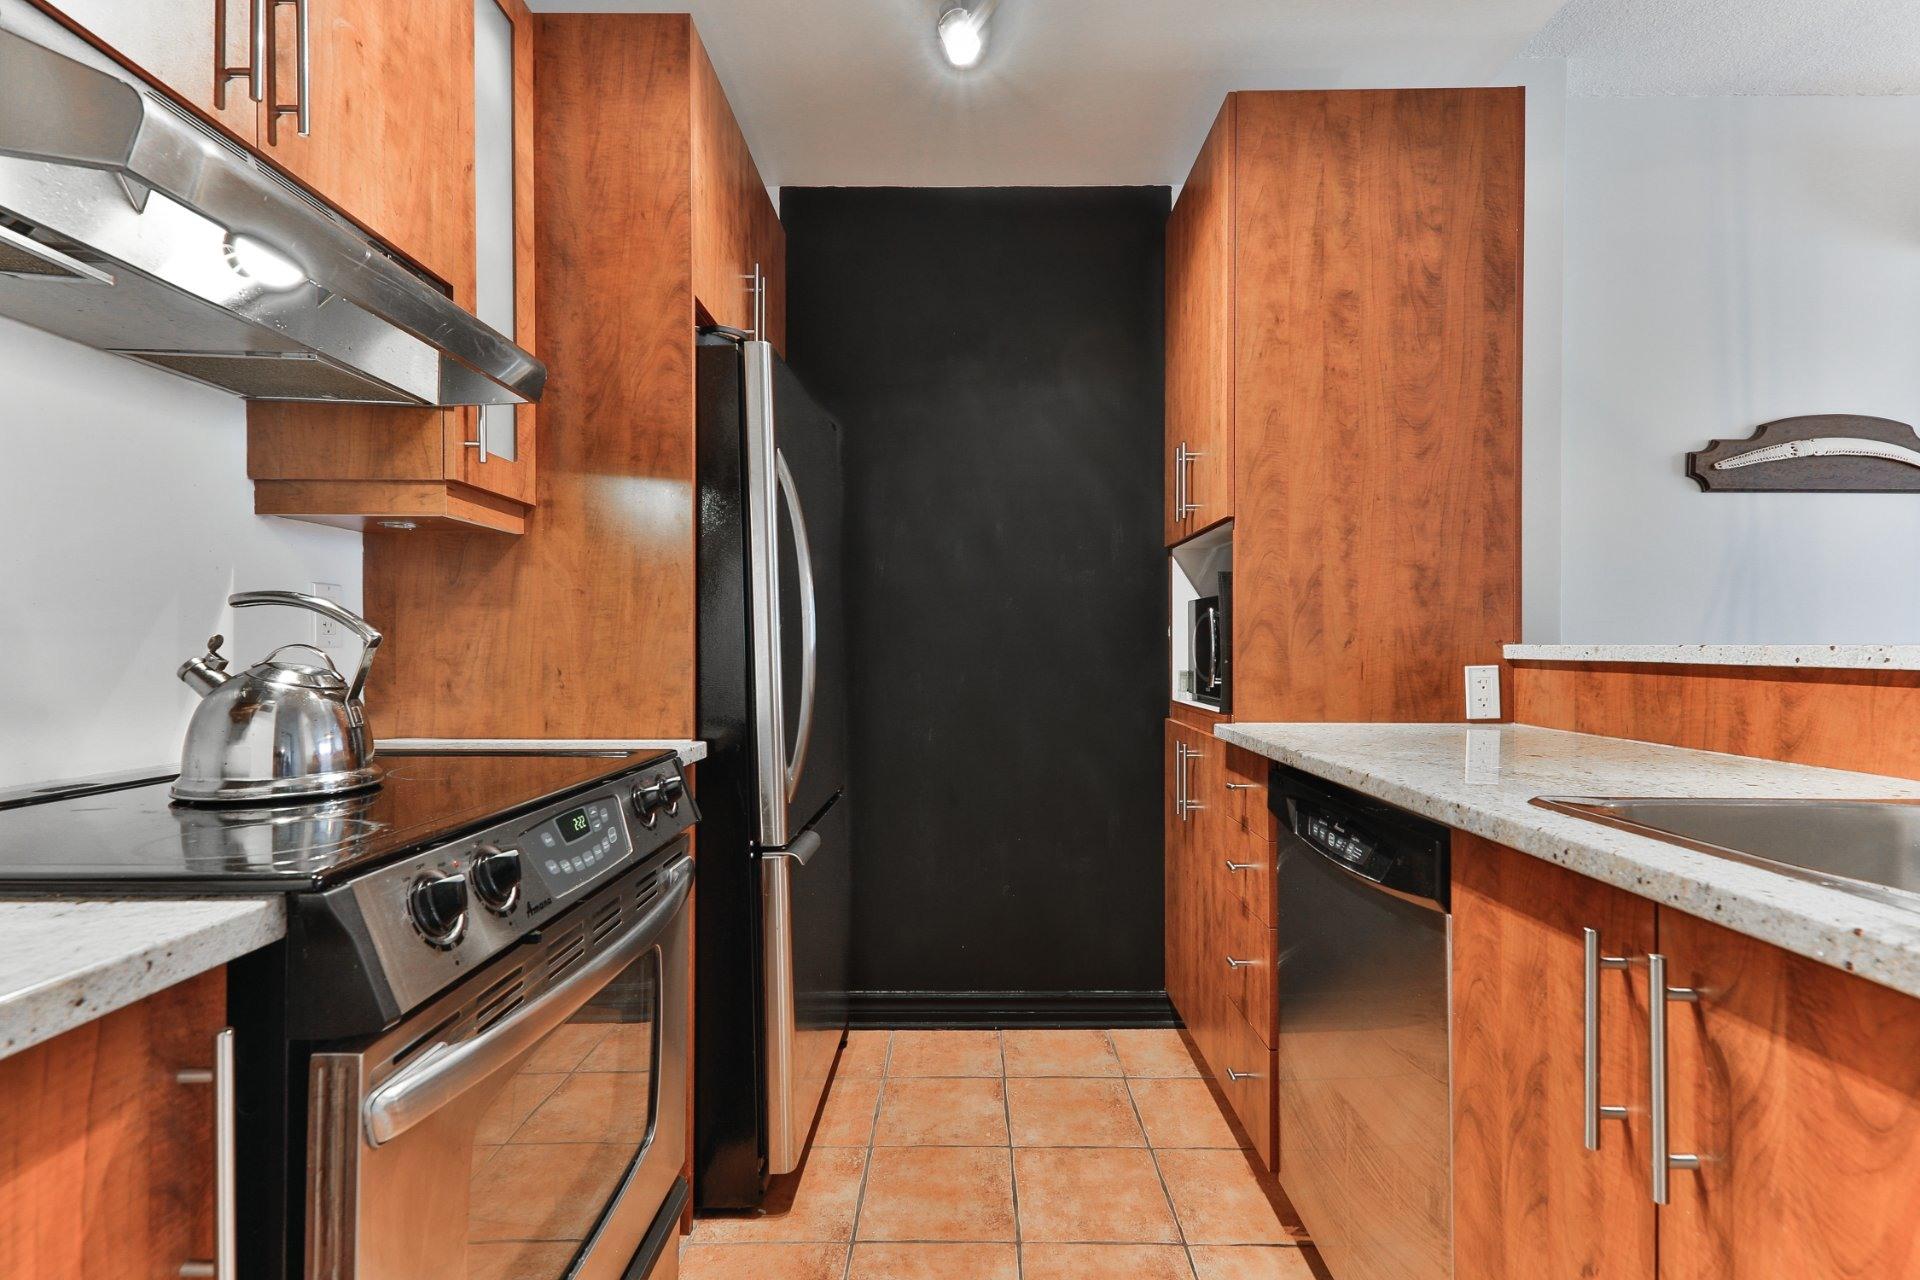 image 6 - Appartement À vendre Ahuntsic-Cartierville Montréal  - 5 pièces